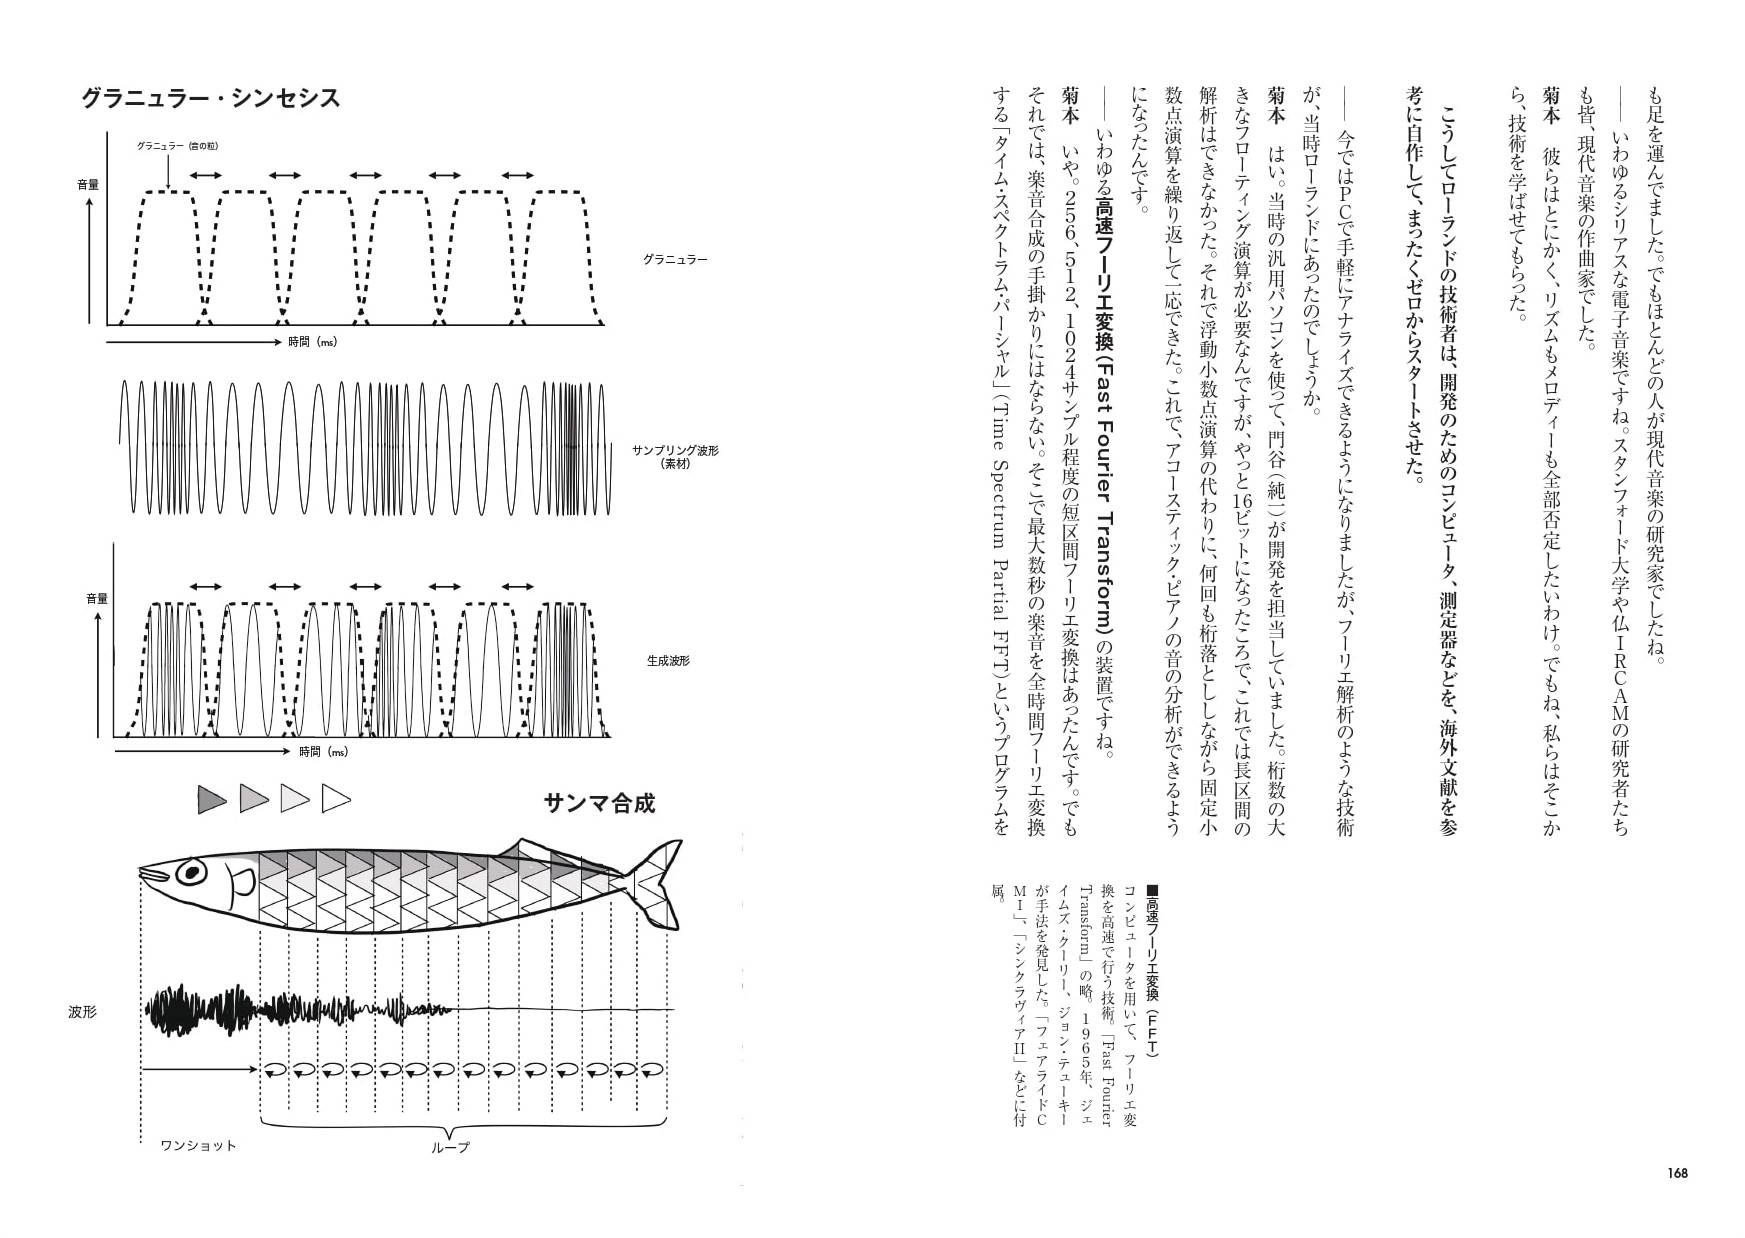 田中雄二 - TR-808<ヤオヤ>を作った神々 ──菊本忠男との対話──電子音楽 in JAPAN外伝 : BOOK gallery 3